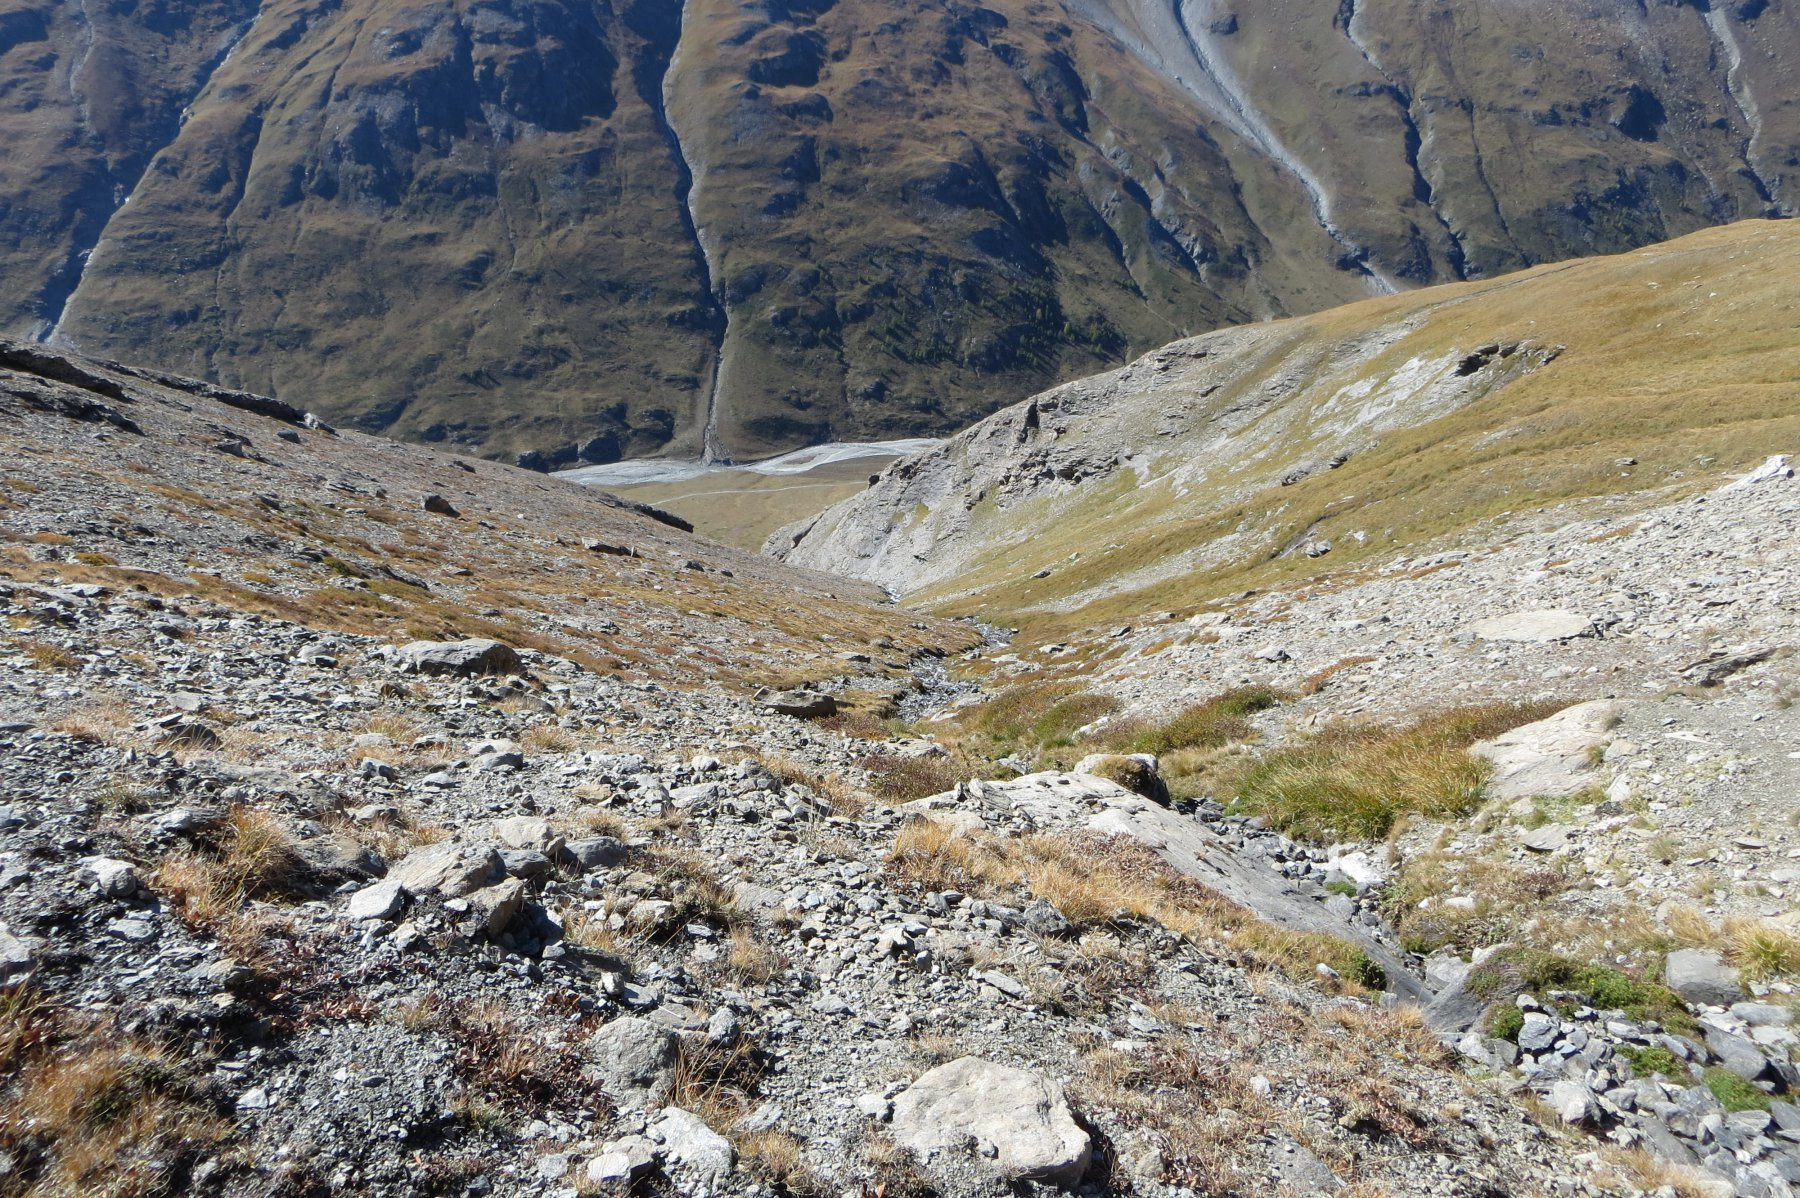 l'impluvio del Ruisseau de Saulcier verso l'uscita